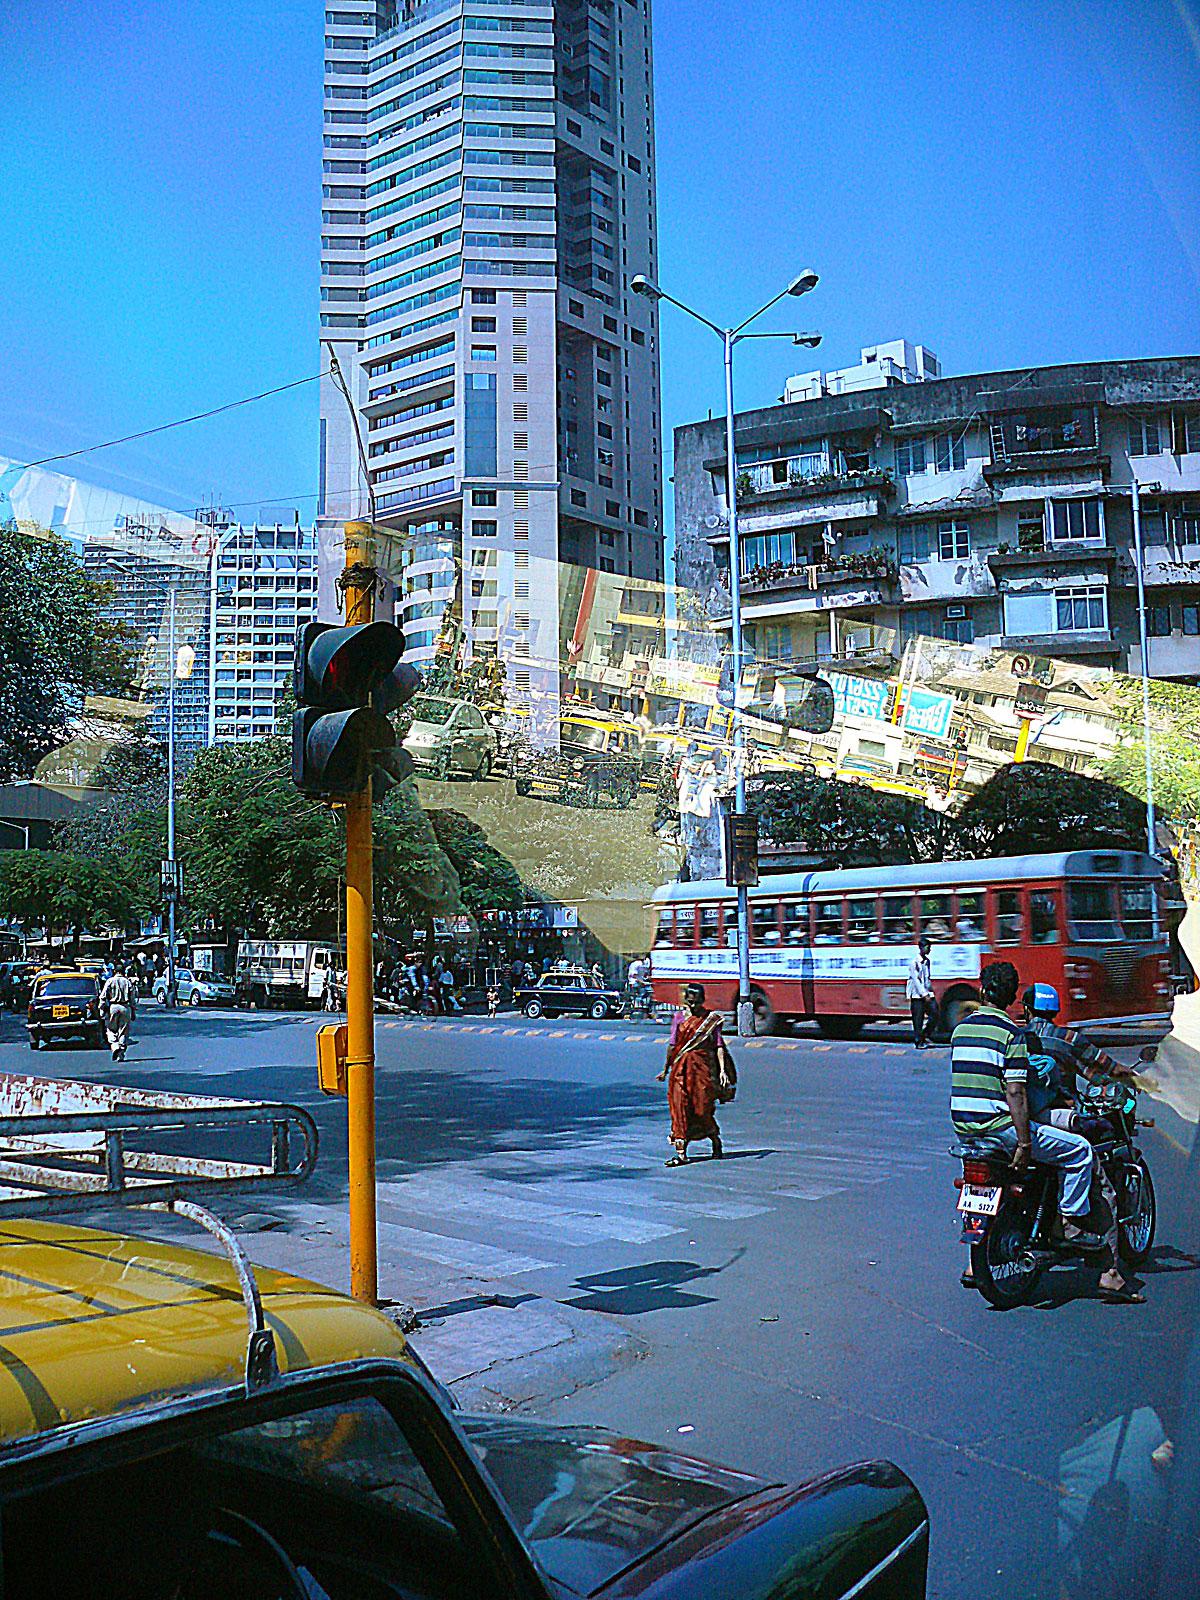 INDIEN MUMBAI Menschen Wohnen FINEST-onTour P1030445.jpg